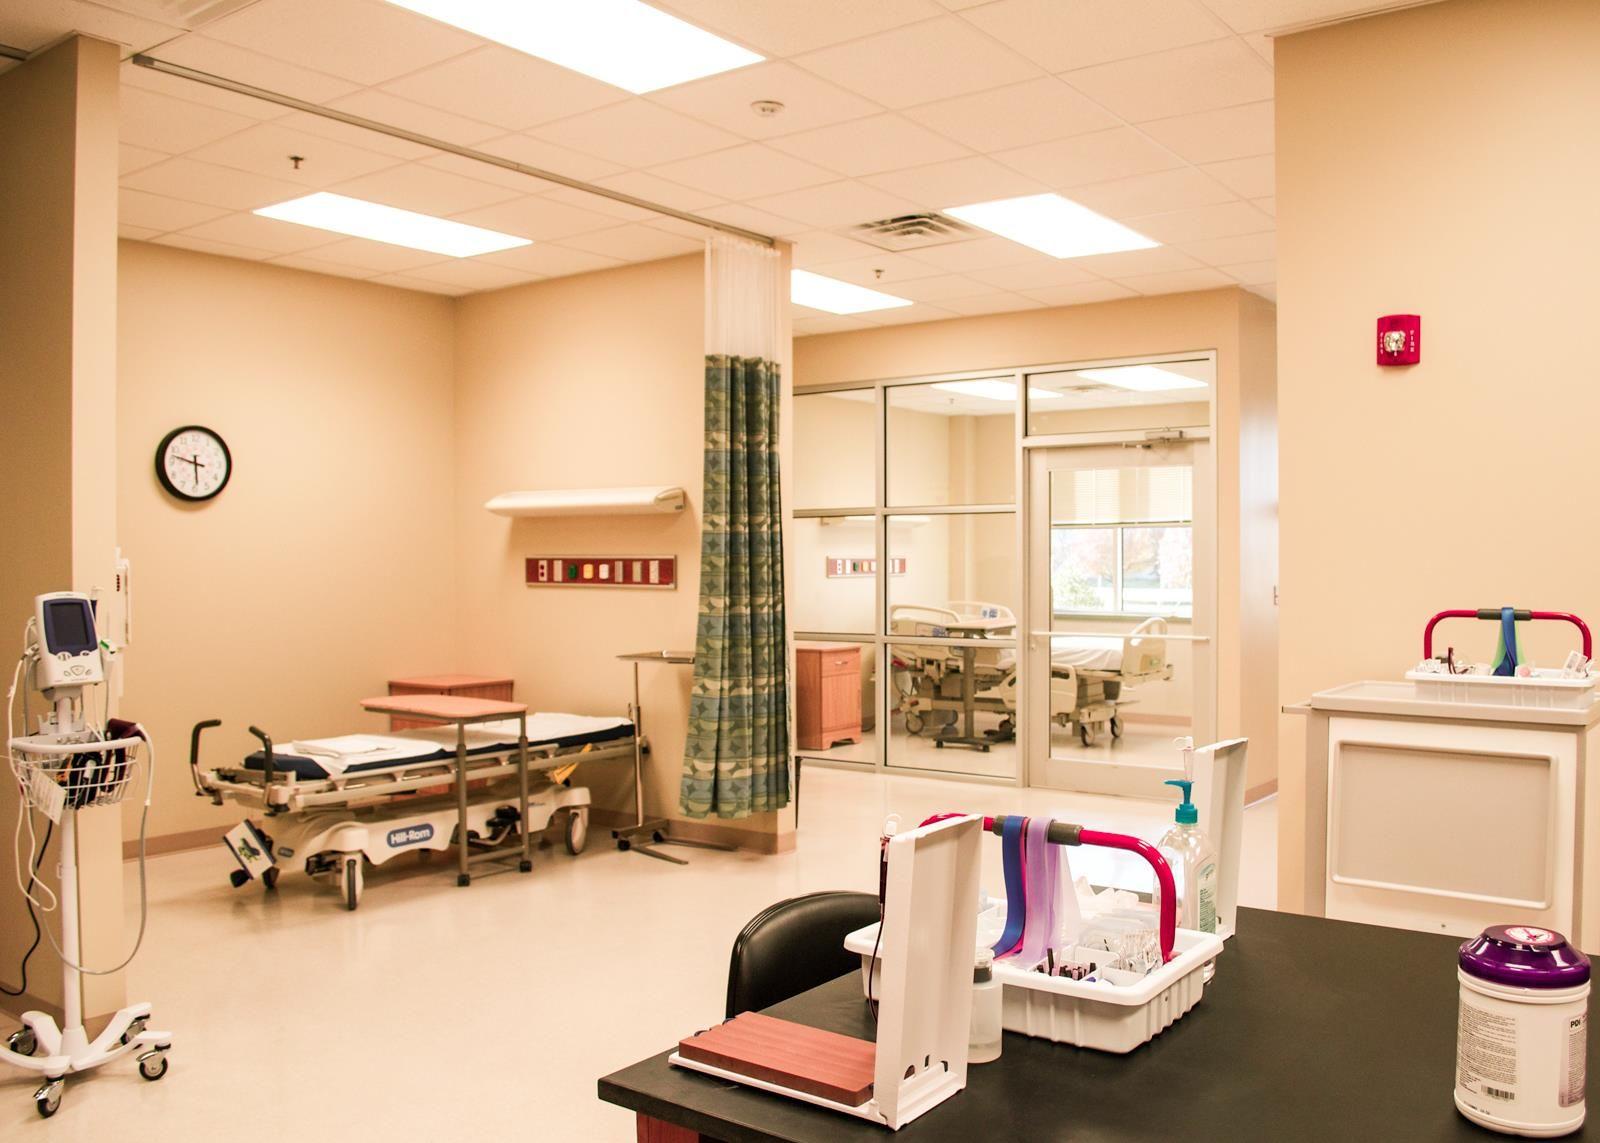 Angela wren nursing allied health center